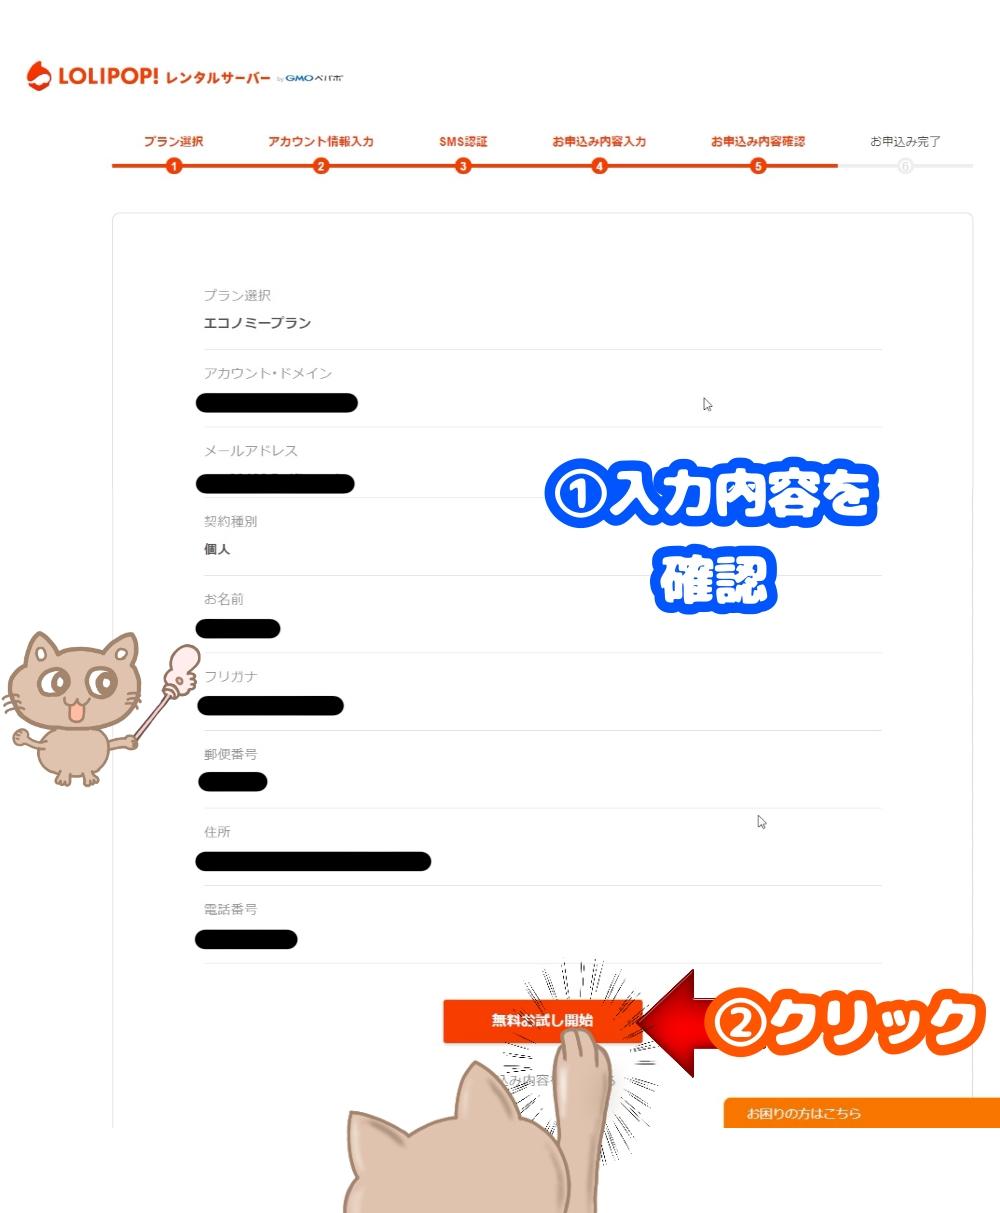 ロリポップサーバー契約_07